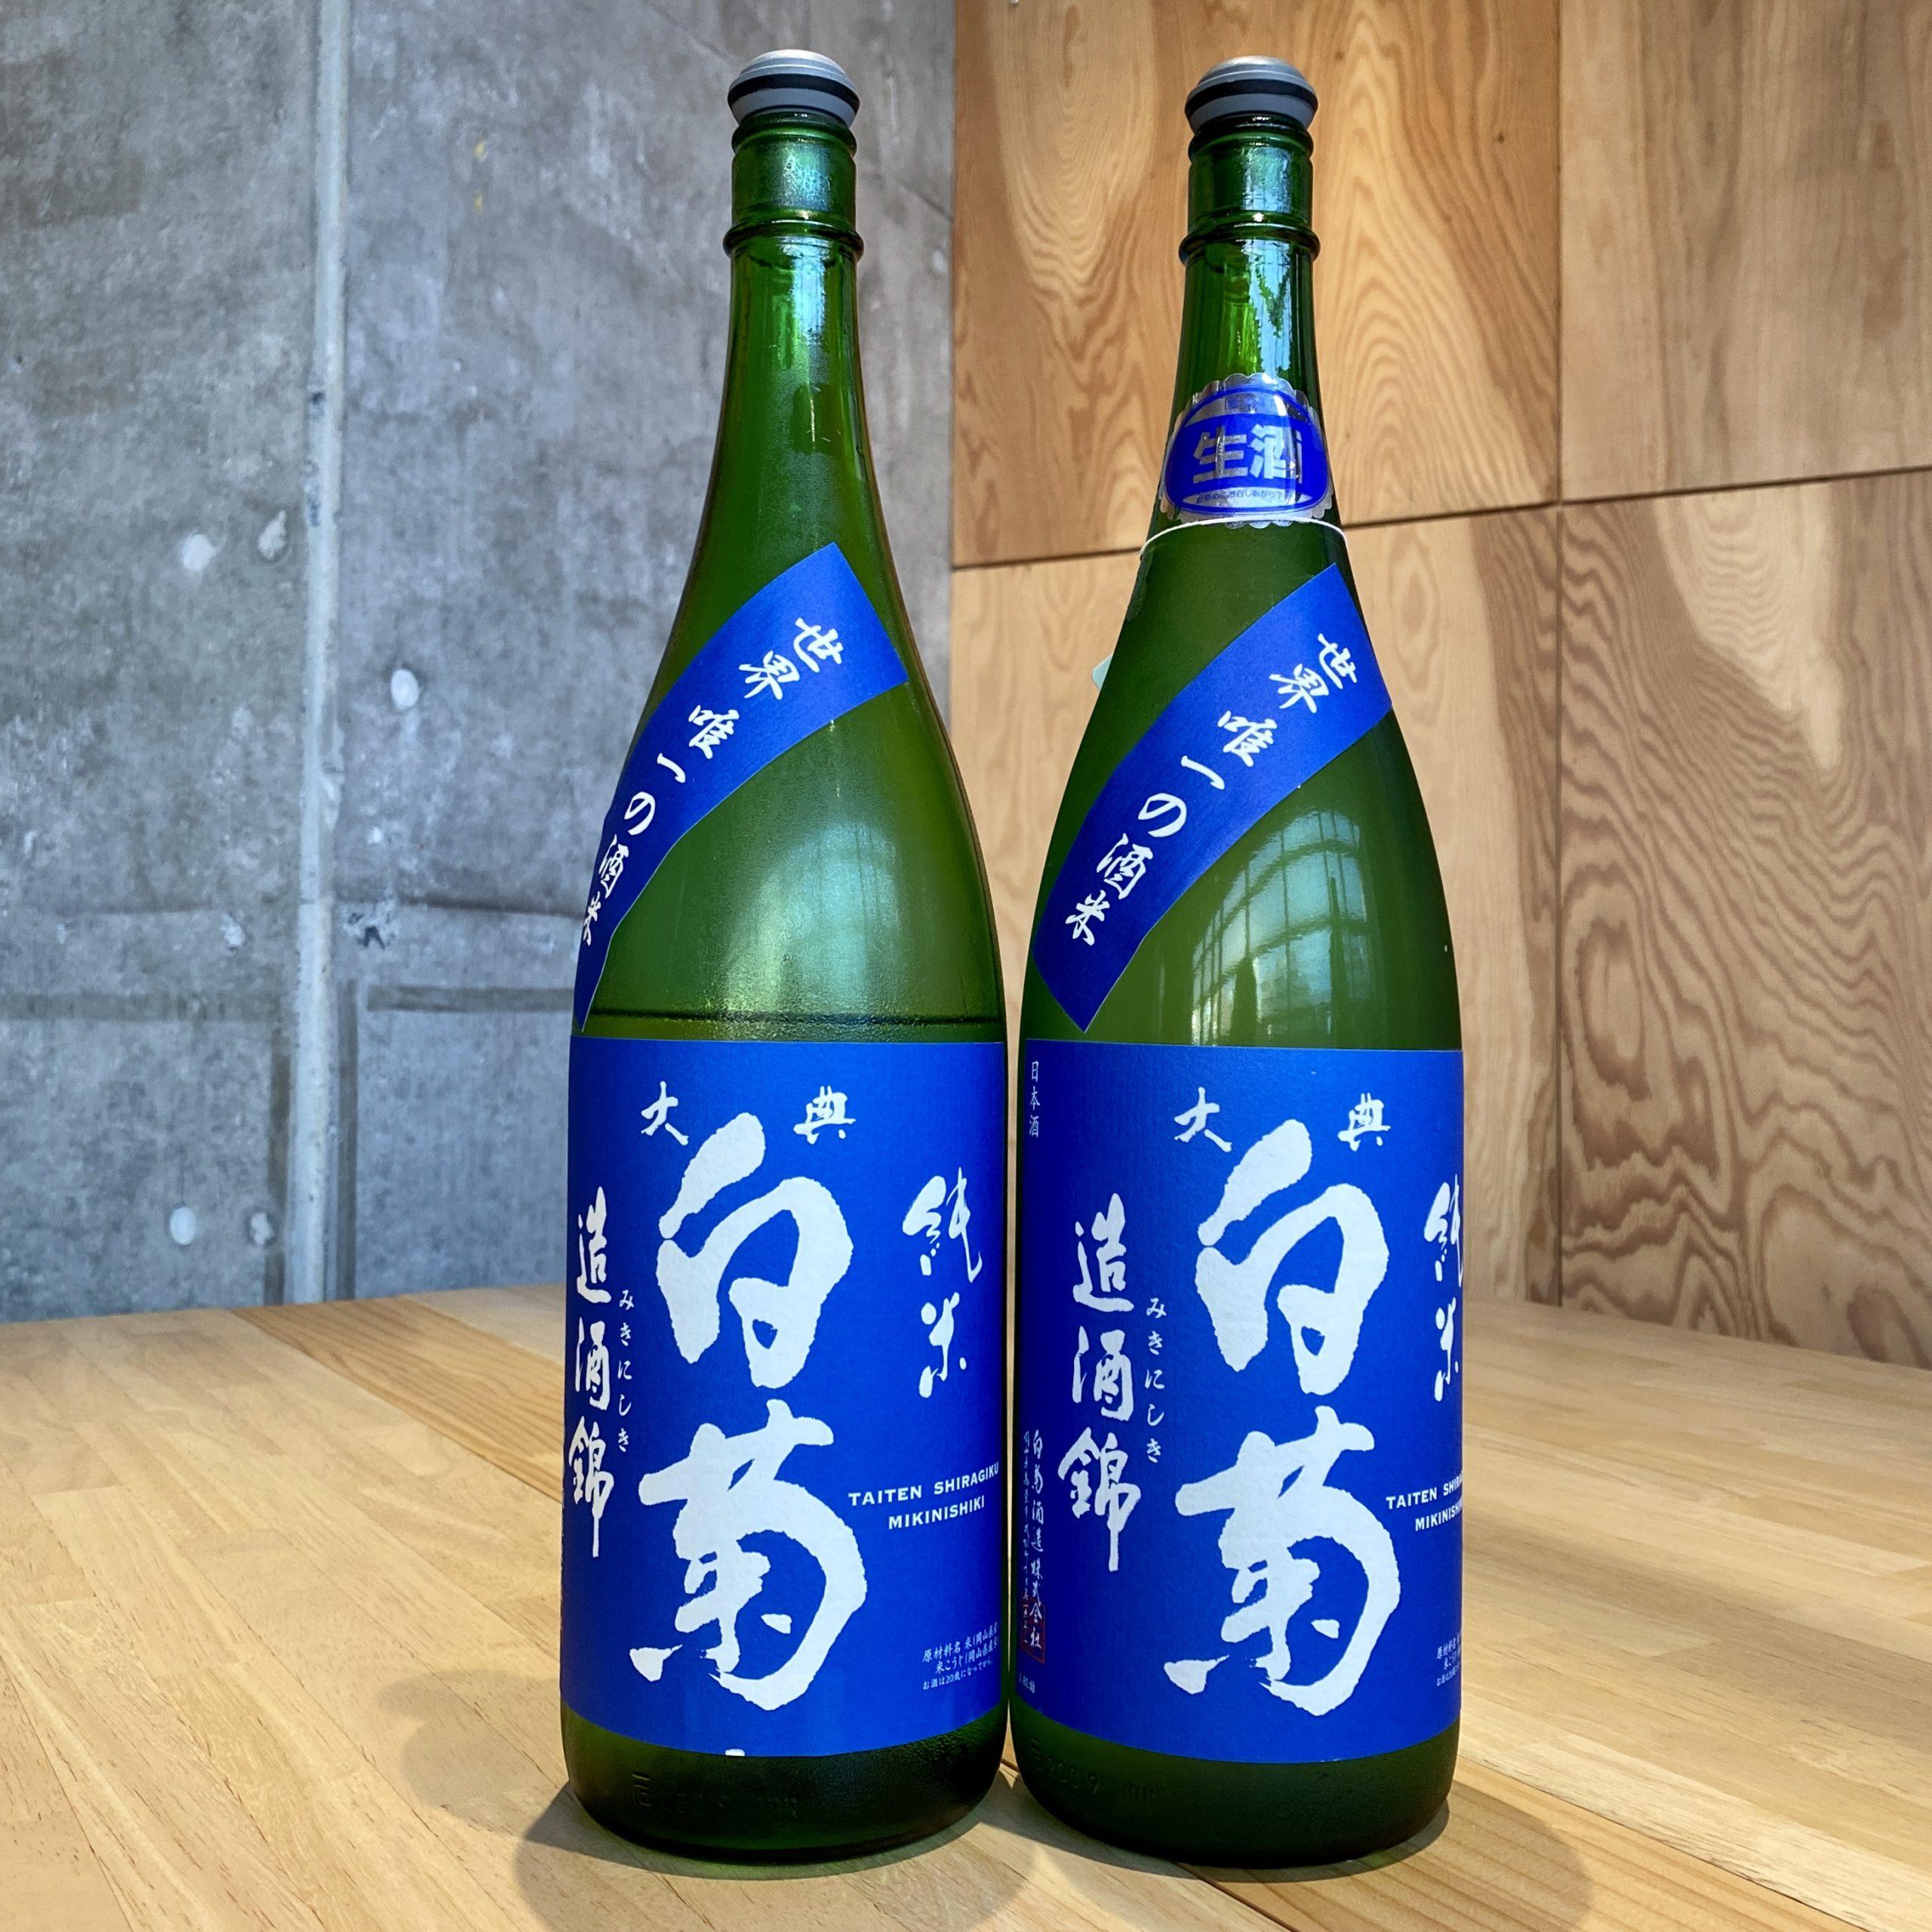 純米・造酒錦